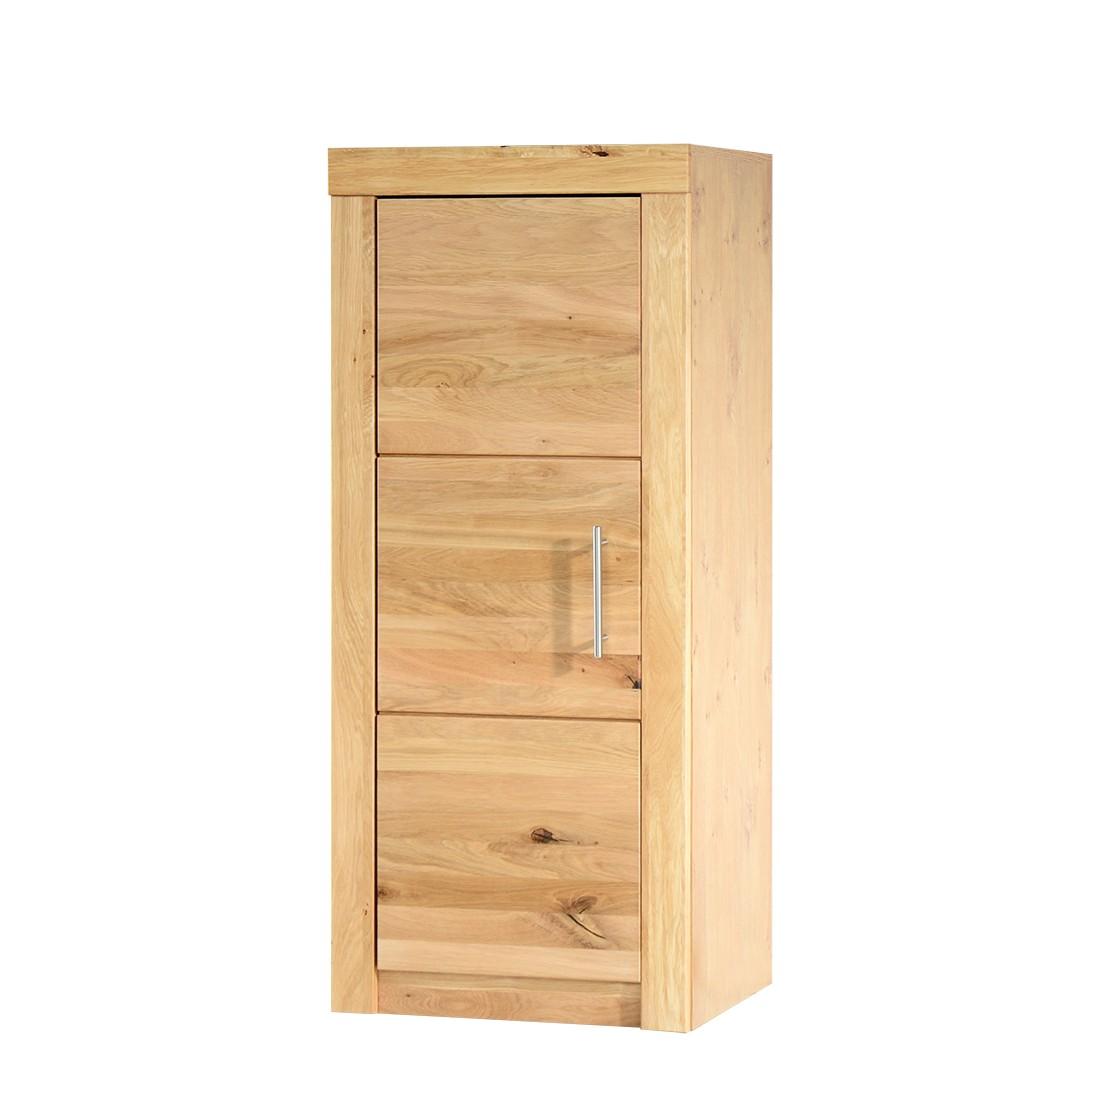 Armadio archivio Jochen I - Parzialmente in legno massello di quercia selvativa, home24 office